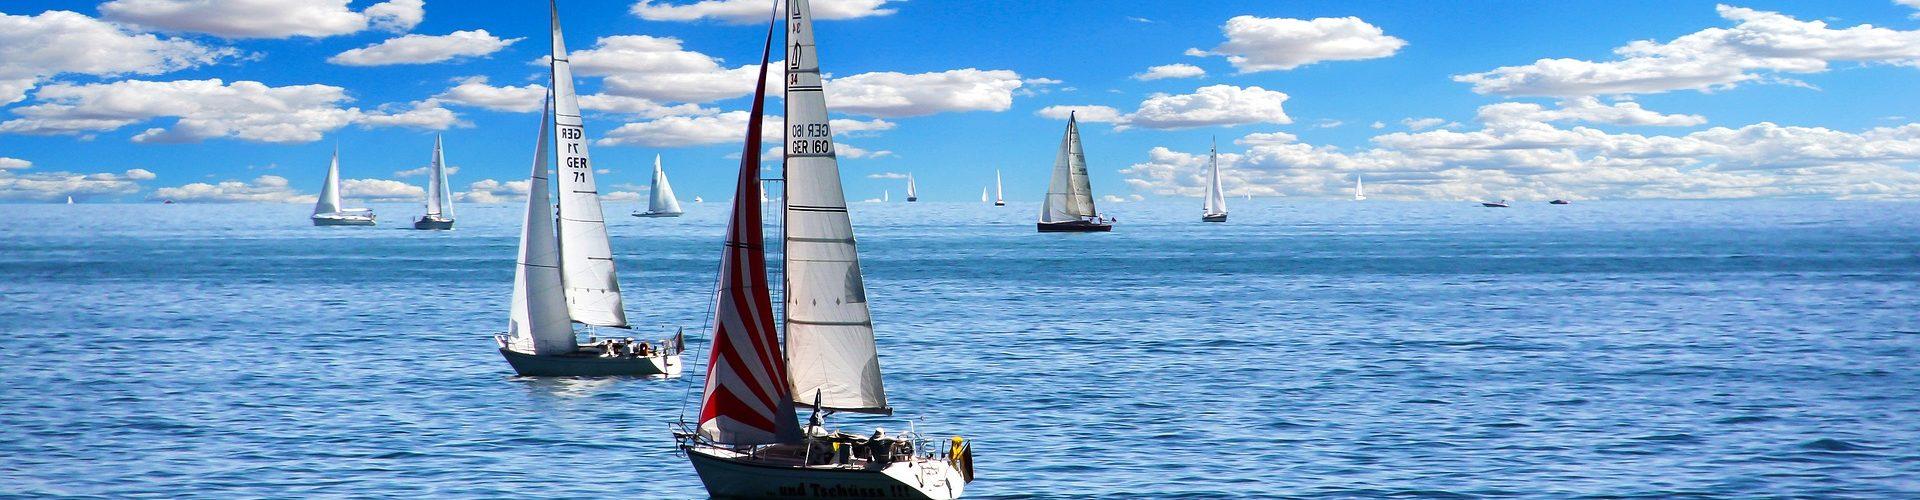 segeln lernen in Babenhausen segelschein machen in Babenhausen 1920x500 - Segeln lernen in Babenhausen